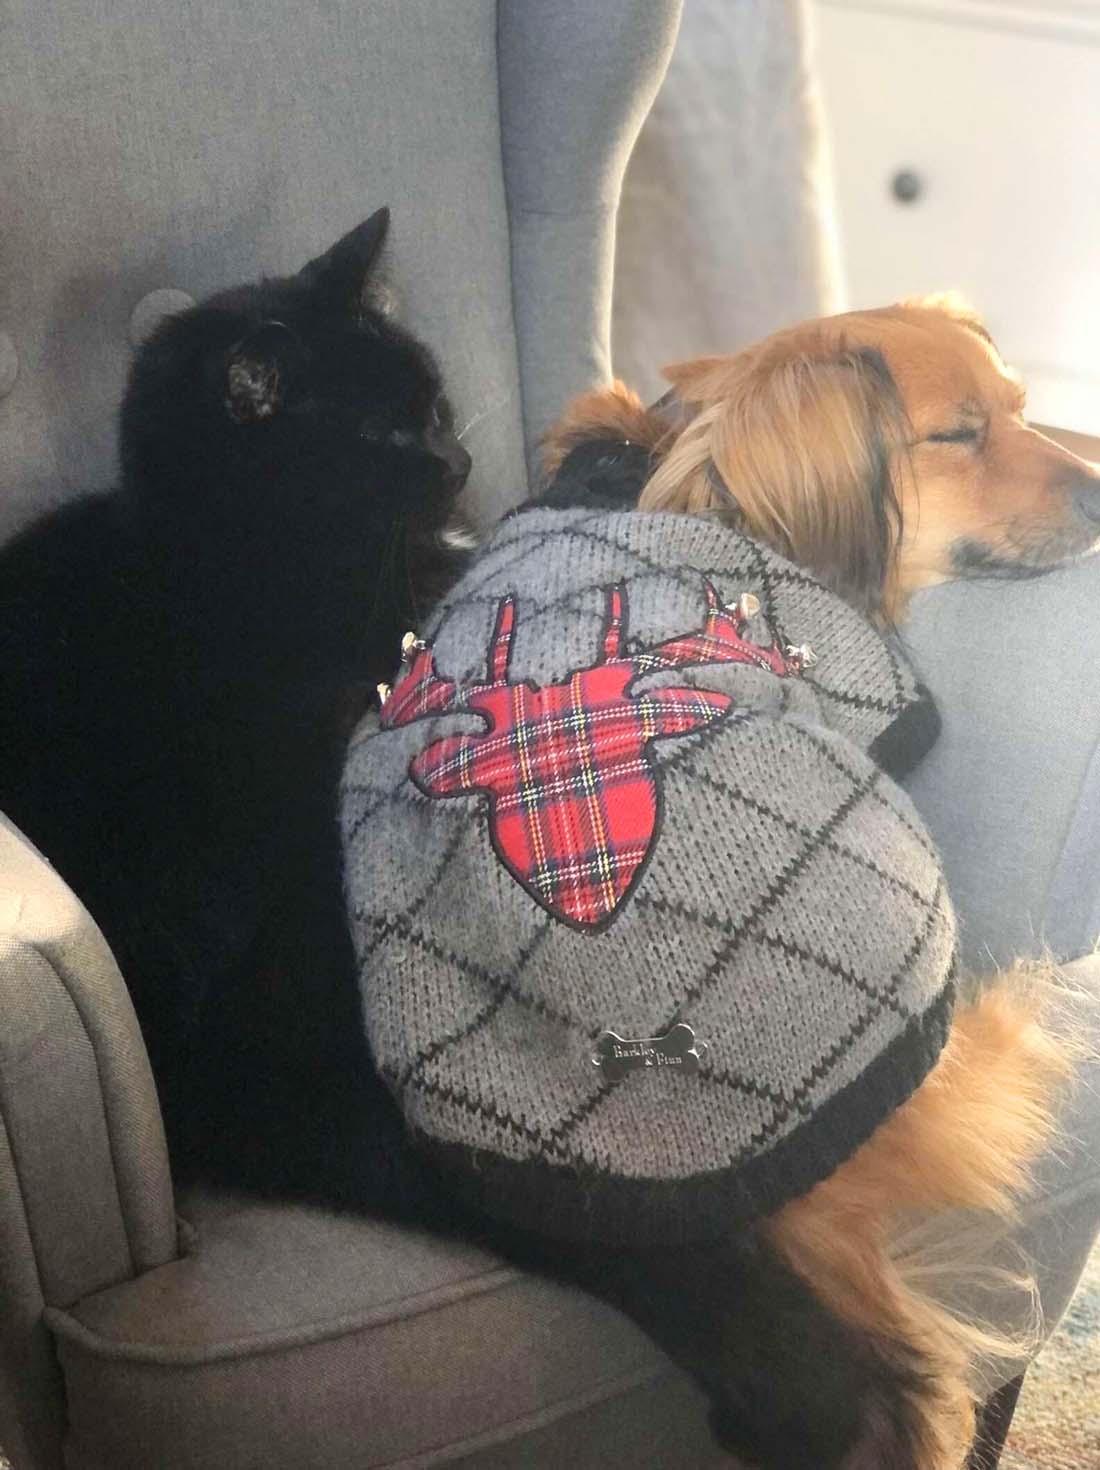 Mascotas toman la siesta juntas